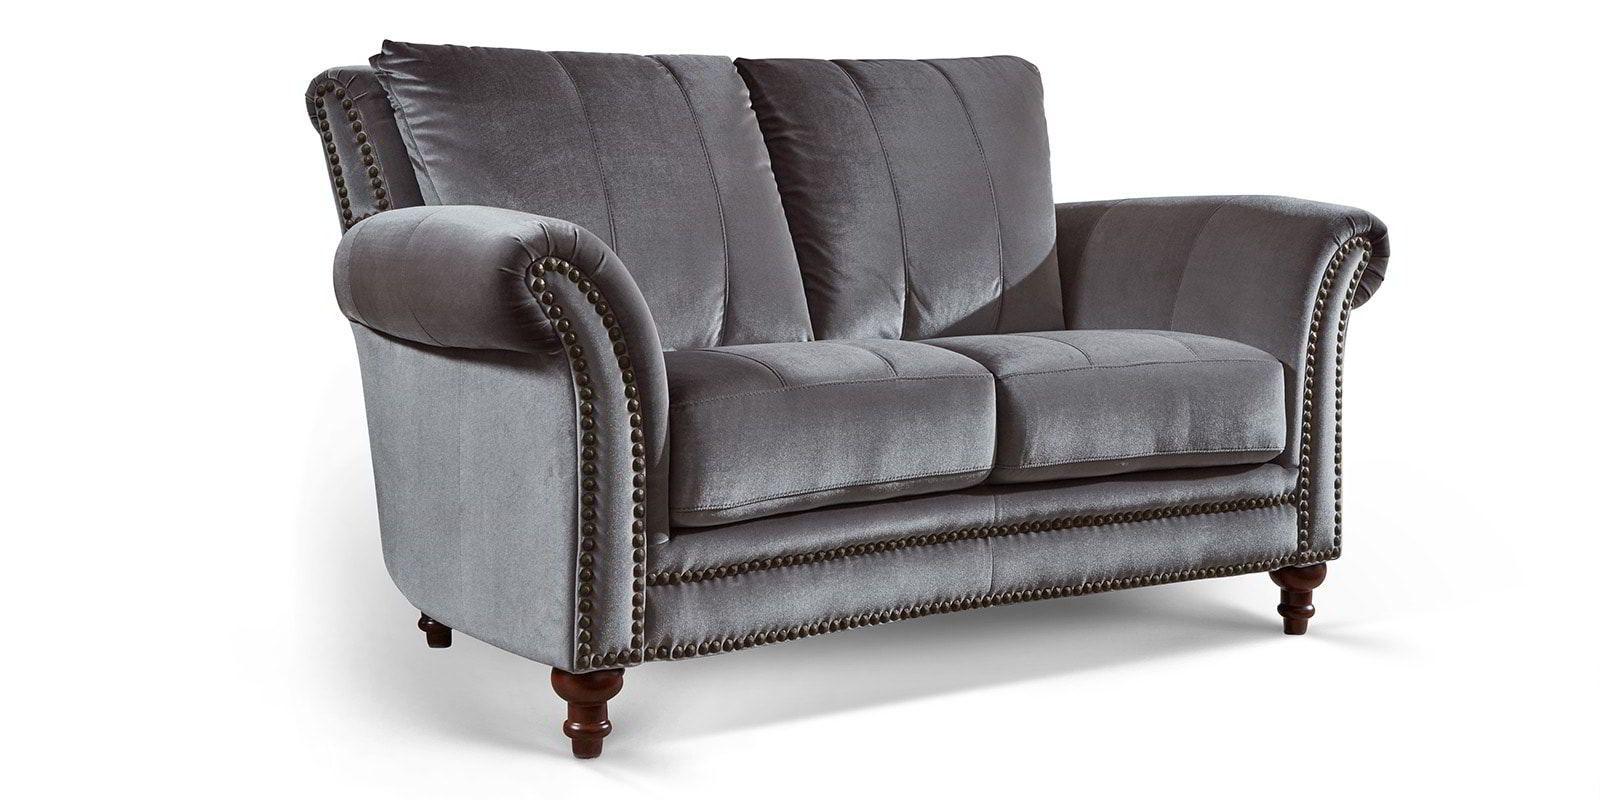 Full Size of Barock Sofa Couch 2 Sitzer In Samt Mit Dekorativen Nieten Und Schlaffunktion Federkern Relaxfunktion Hussen Big Günstig Heimkino Modulares Günstige Grau Sofa Barock Sofa